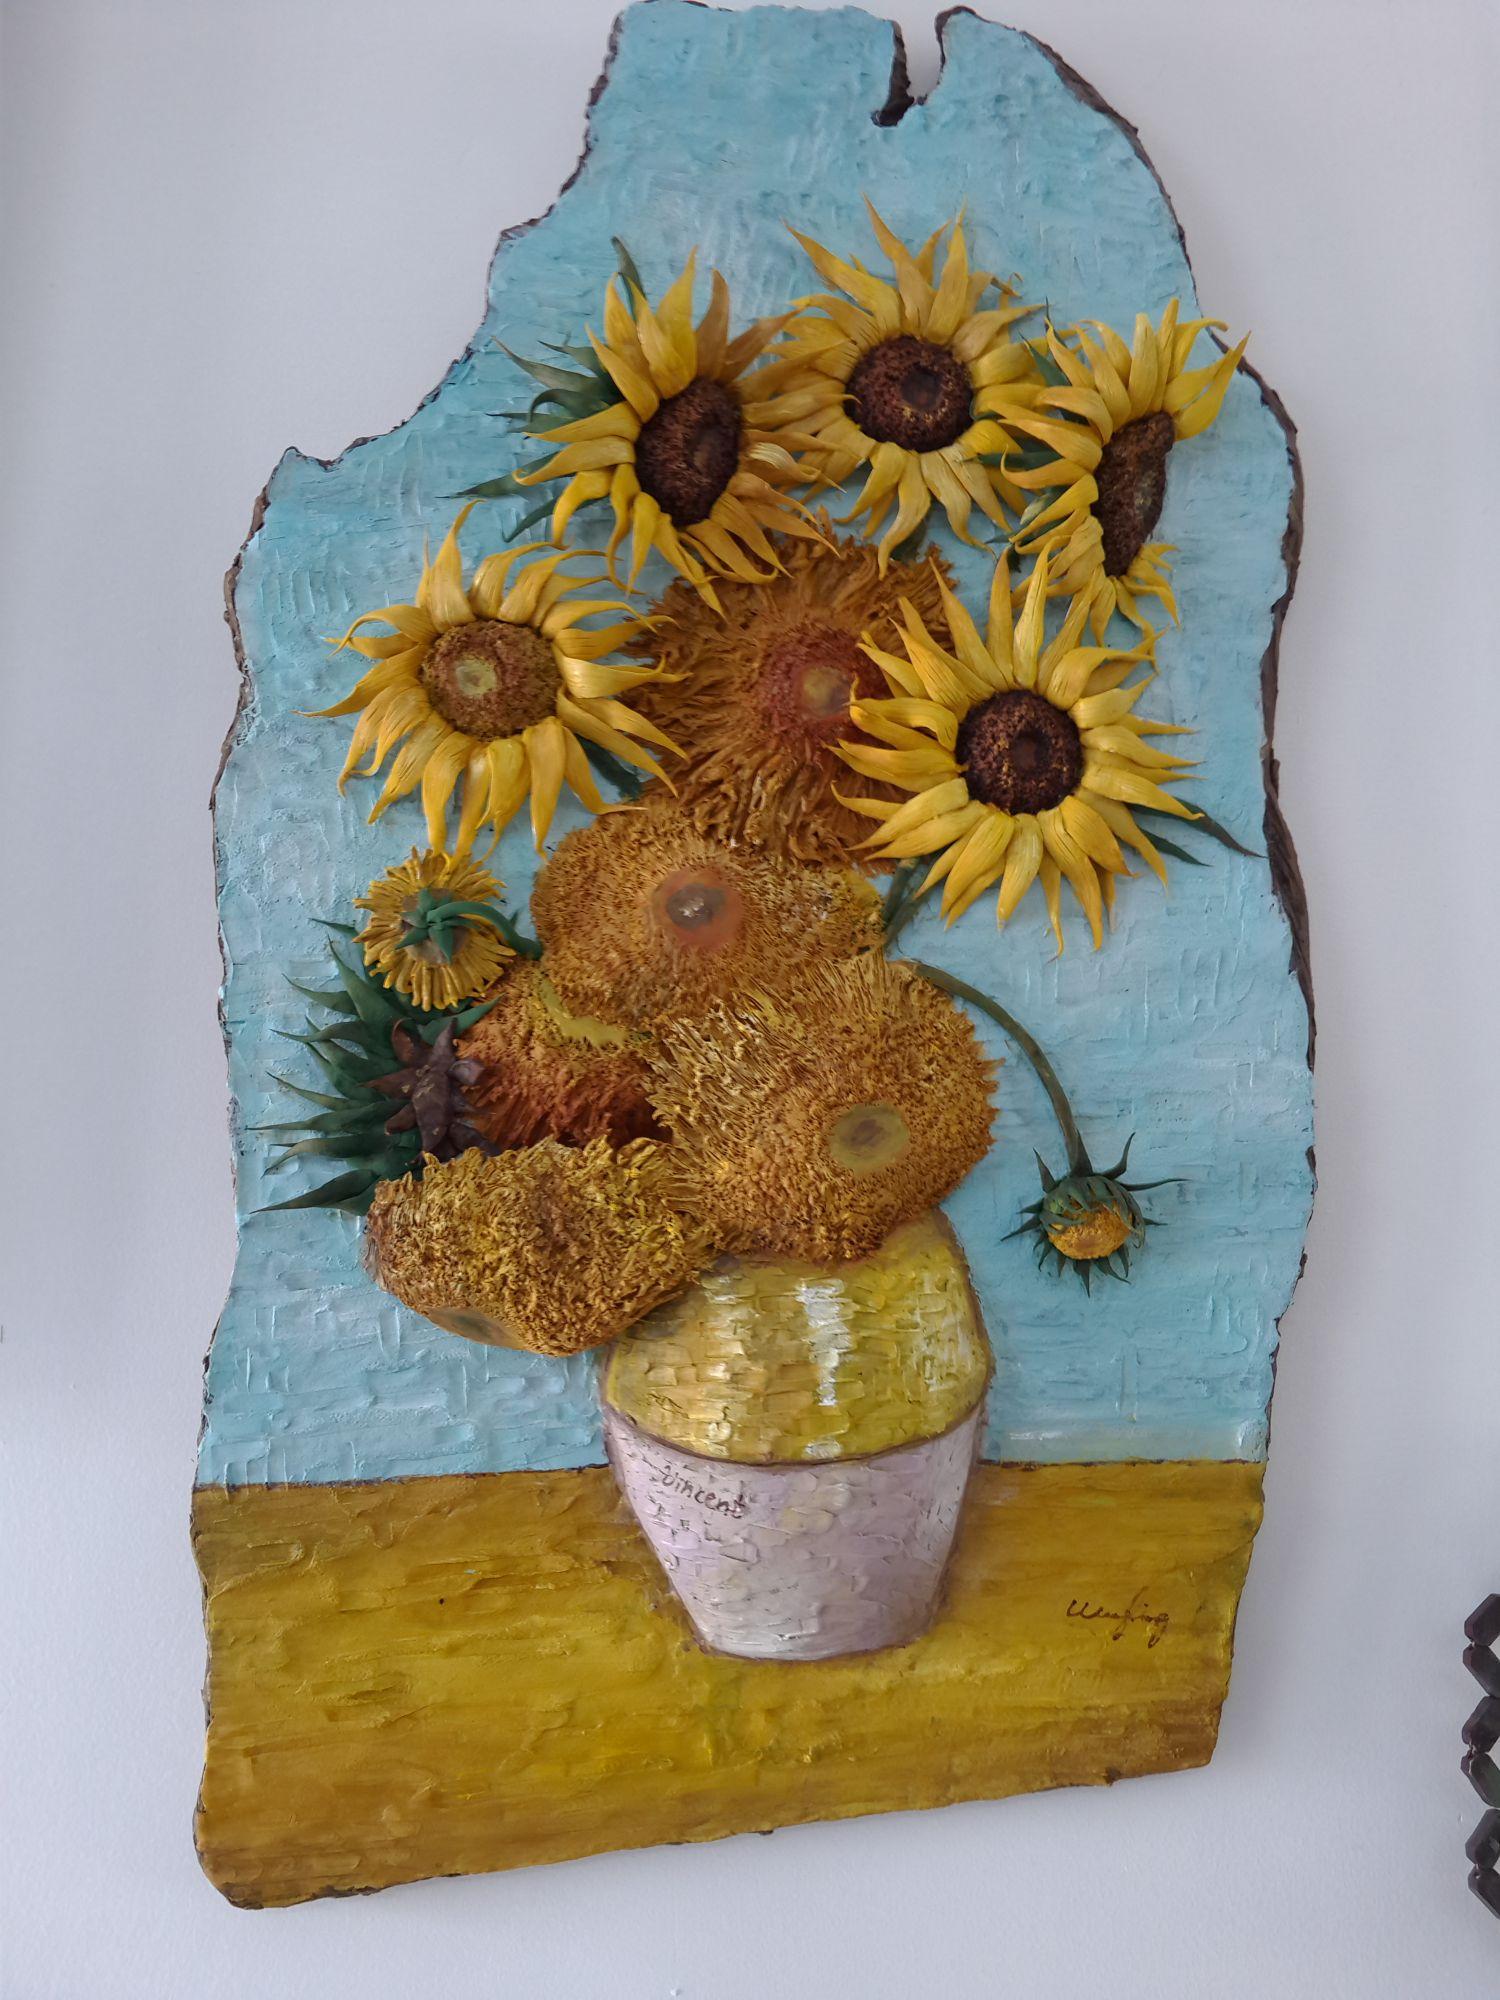 黏土风景作品图片教程